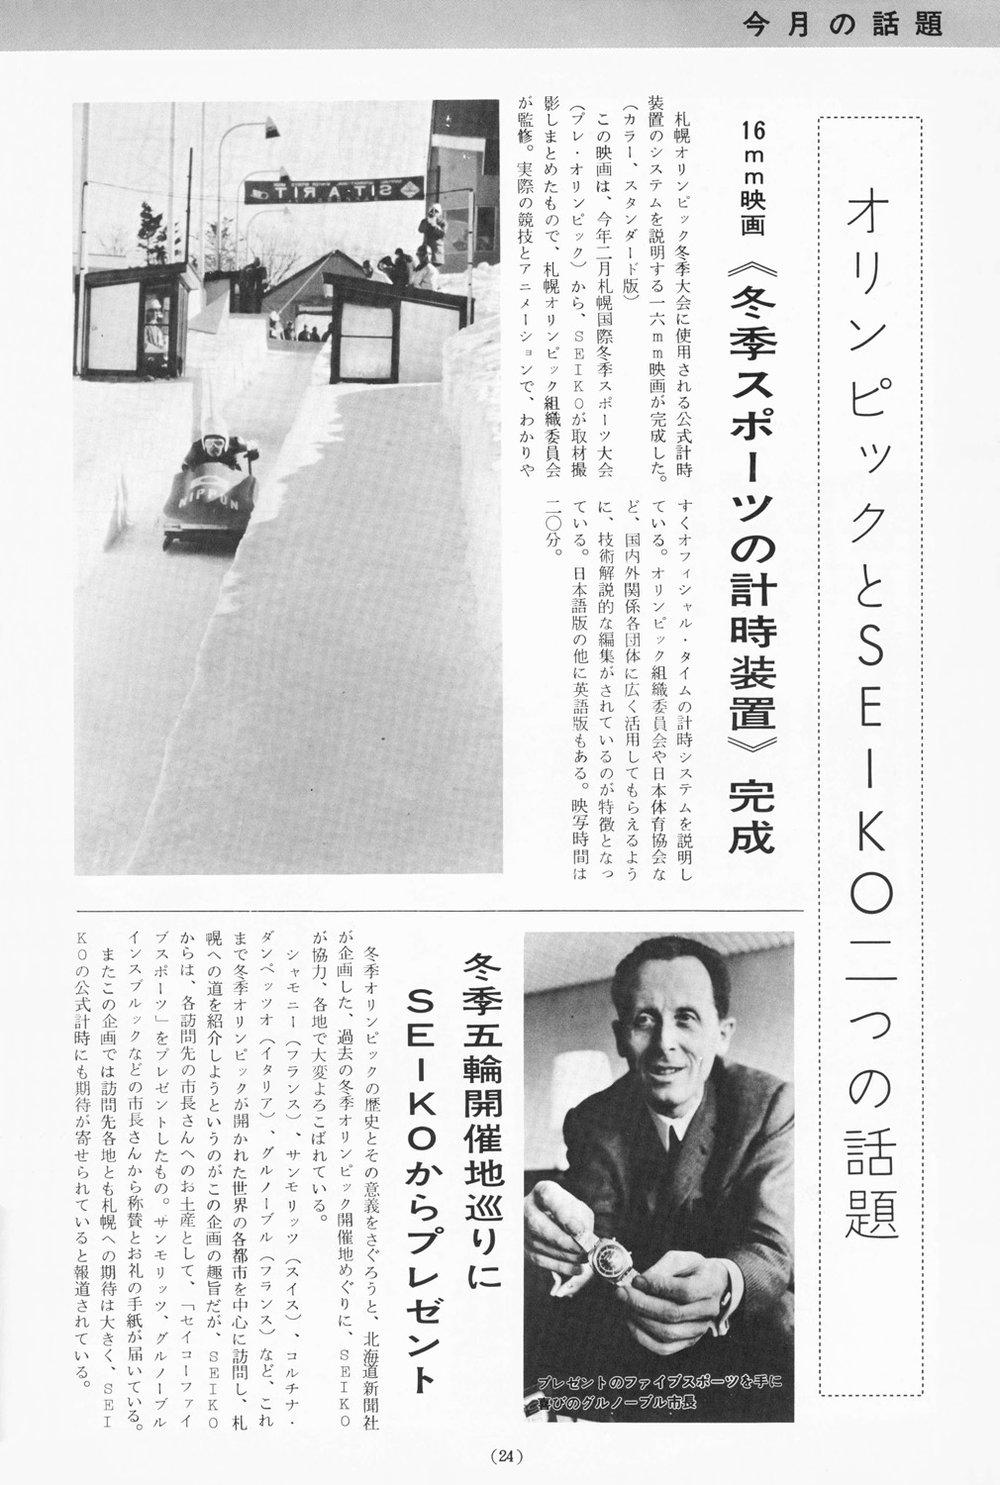 Suwa Internal Magazine - June '71